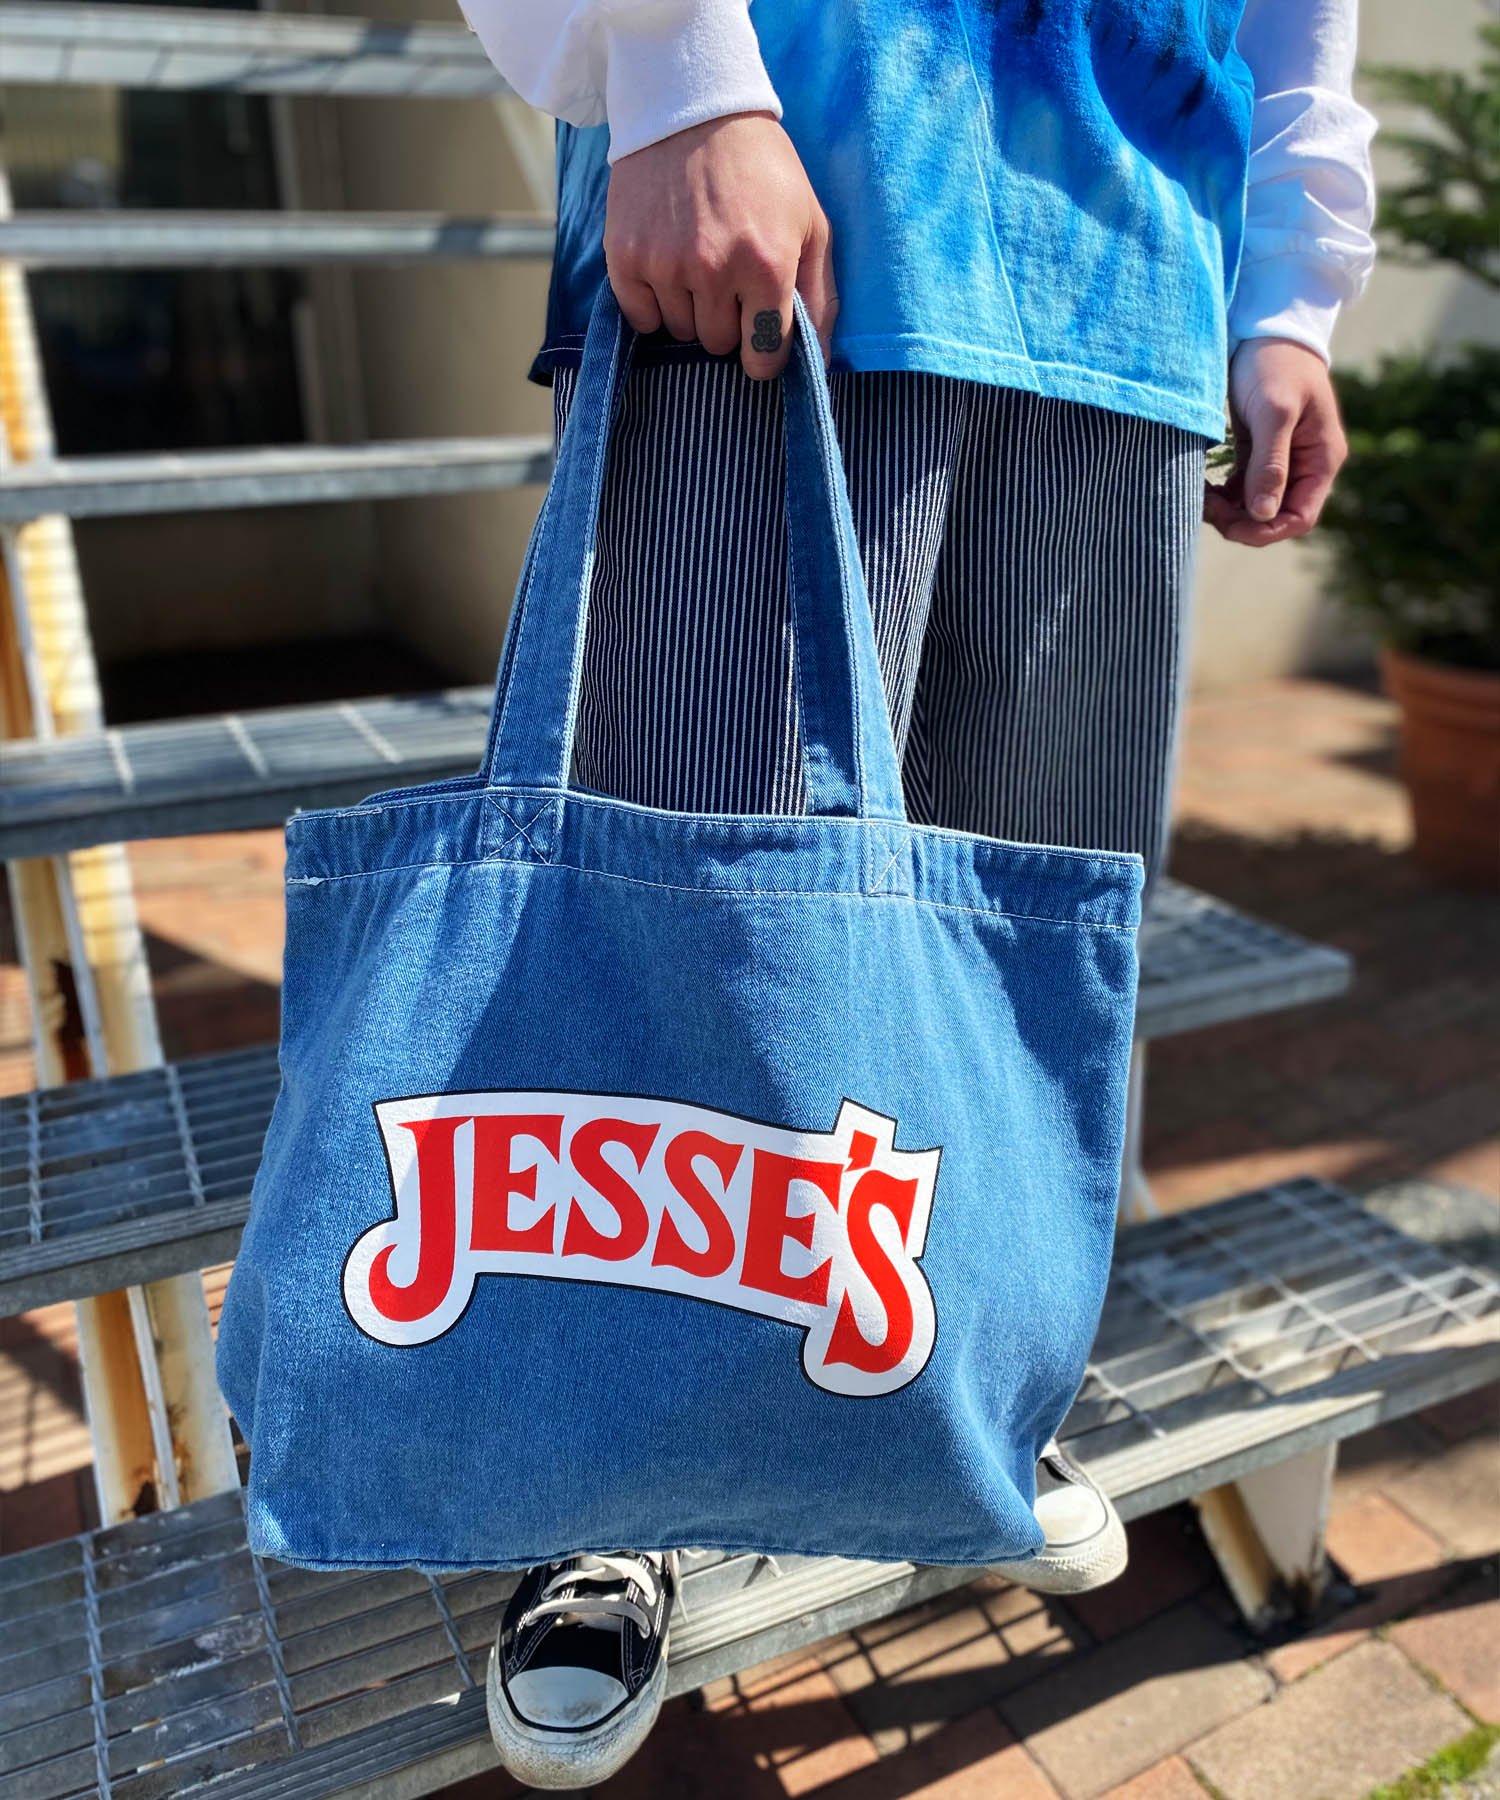 JESSE'S TOTE BAG